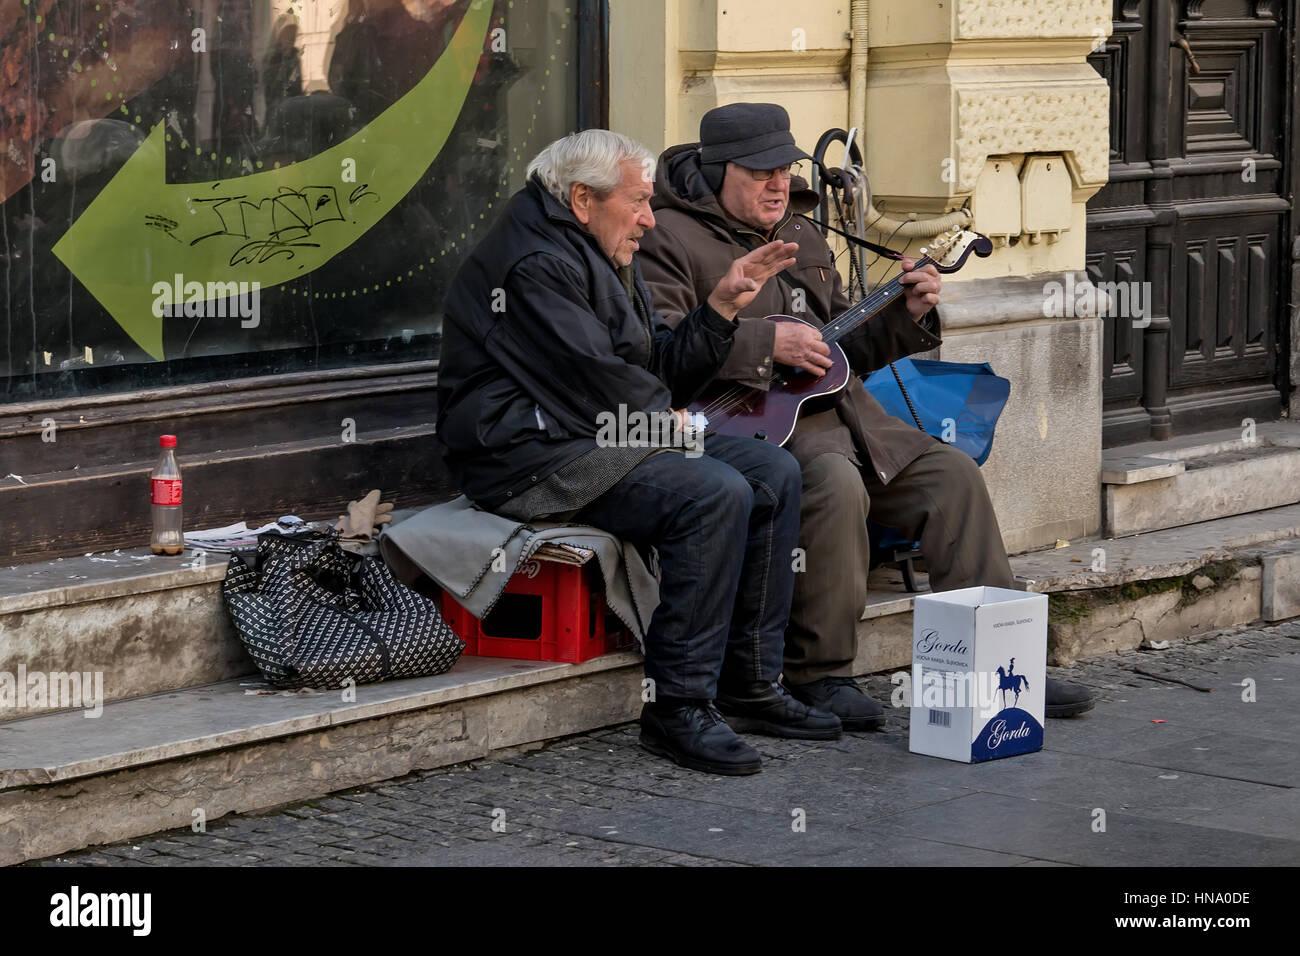 Belgrade, Serbie - Février 27, 2016: deux retraités qui joue de la guitare et chanter dans la rue Photo Stock